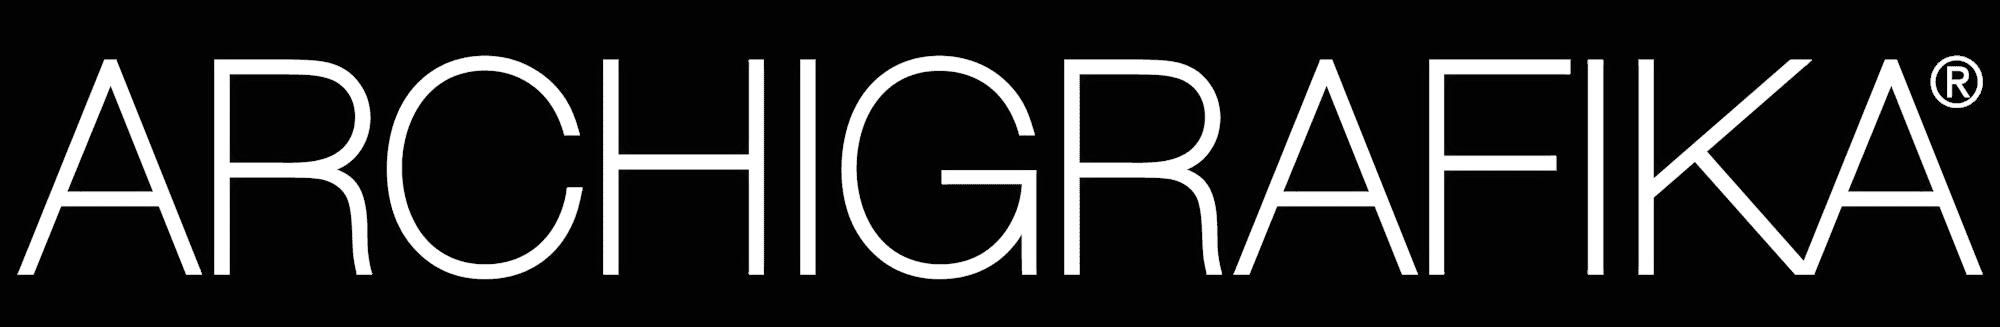 Archigrafika – Graphics for Architecture